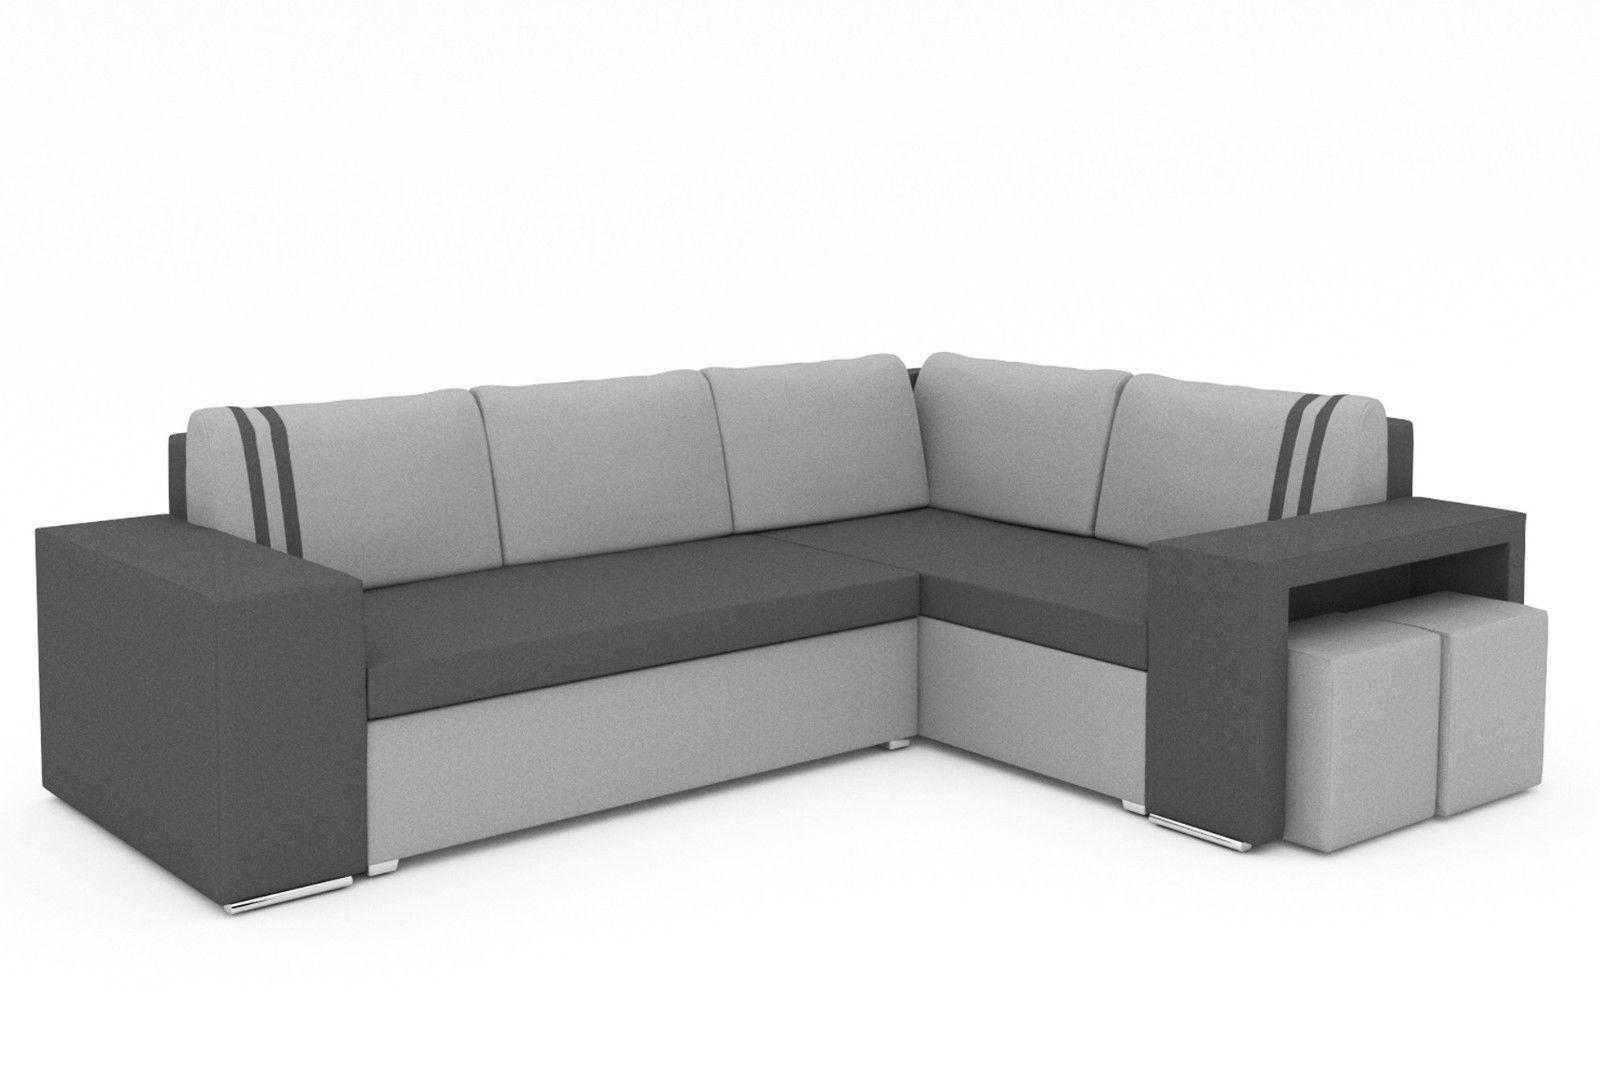 Eitelkeit Ecksofa Mit Schlaffunktion Und Bettkasten Dekoration Von #sofa #couch #ecksofa #eckcouch #schlaffunktion #bettkasten #sofagarnitur